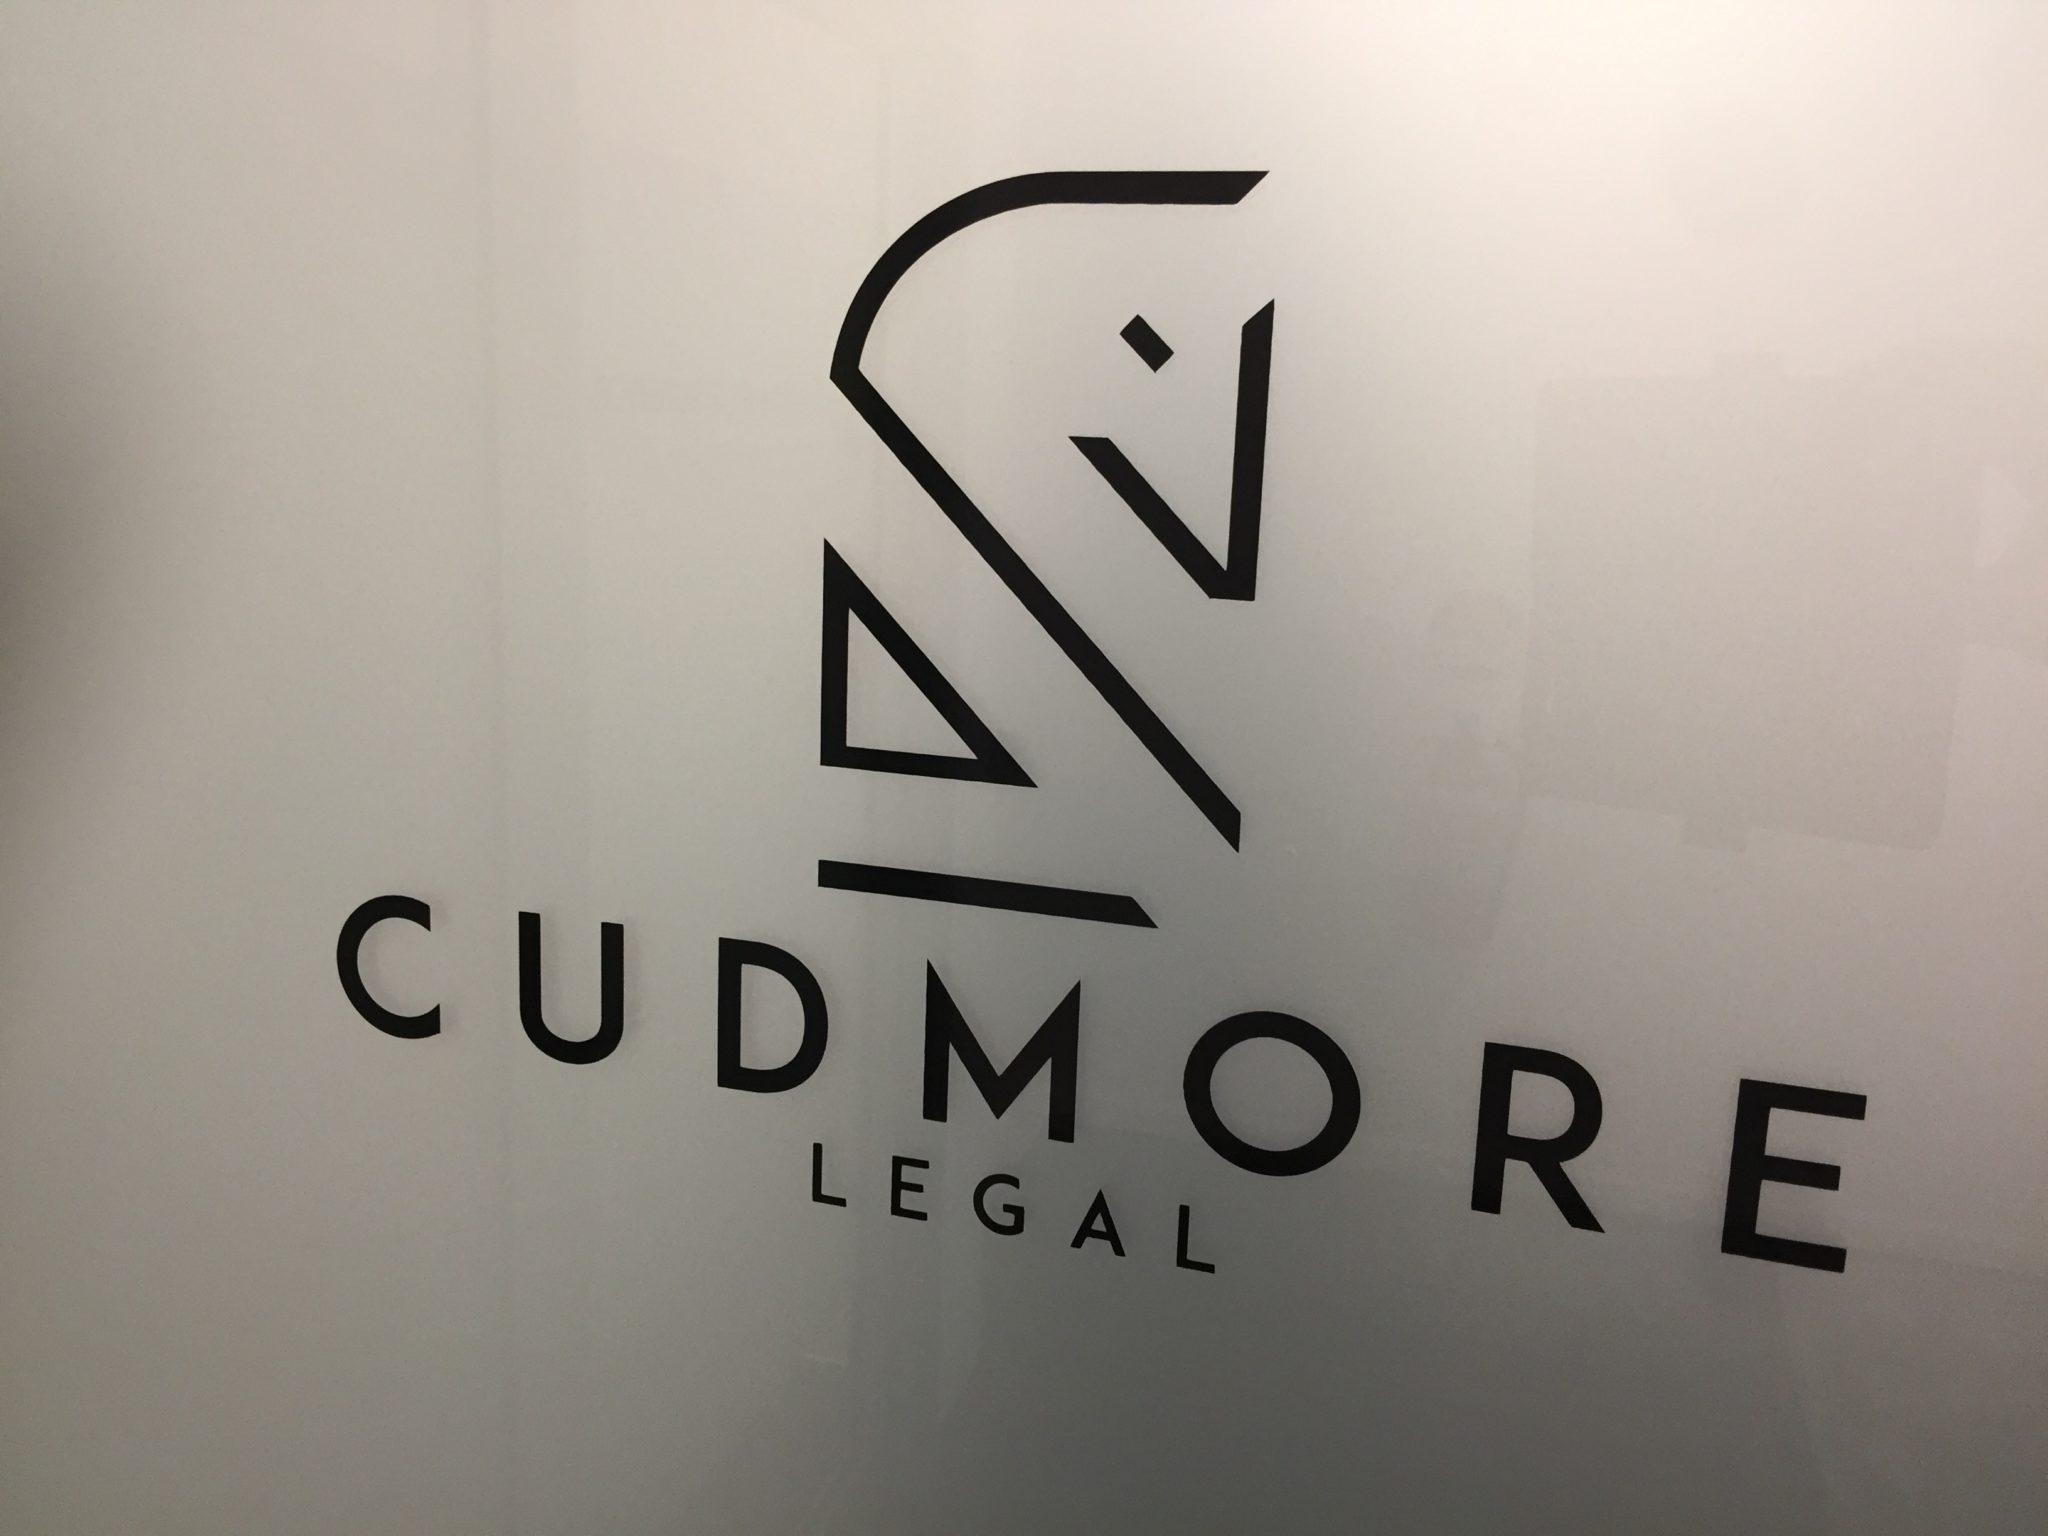 Cudmore Legal Values